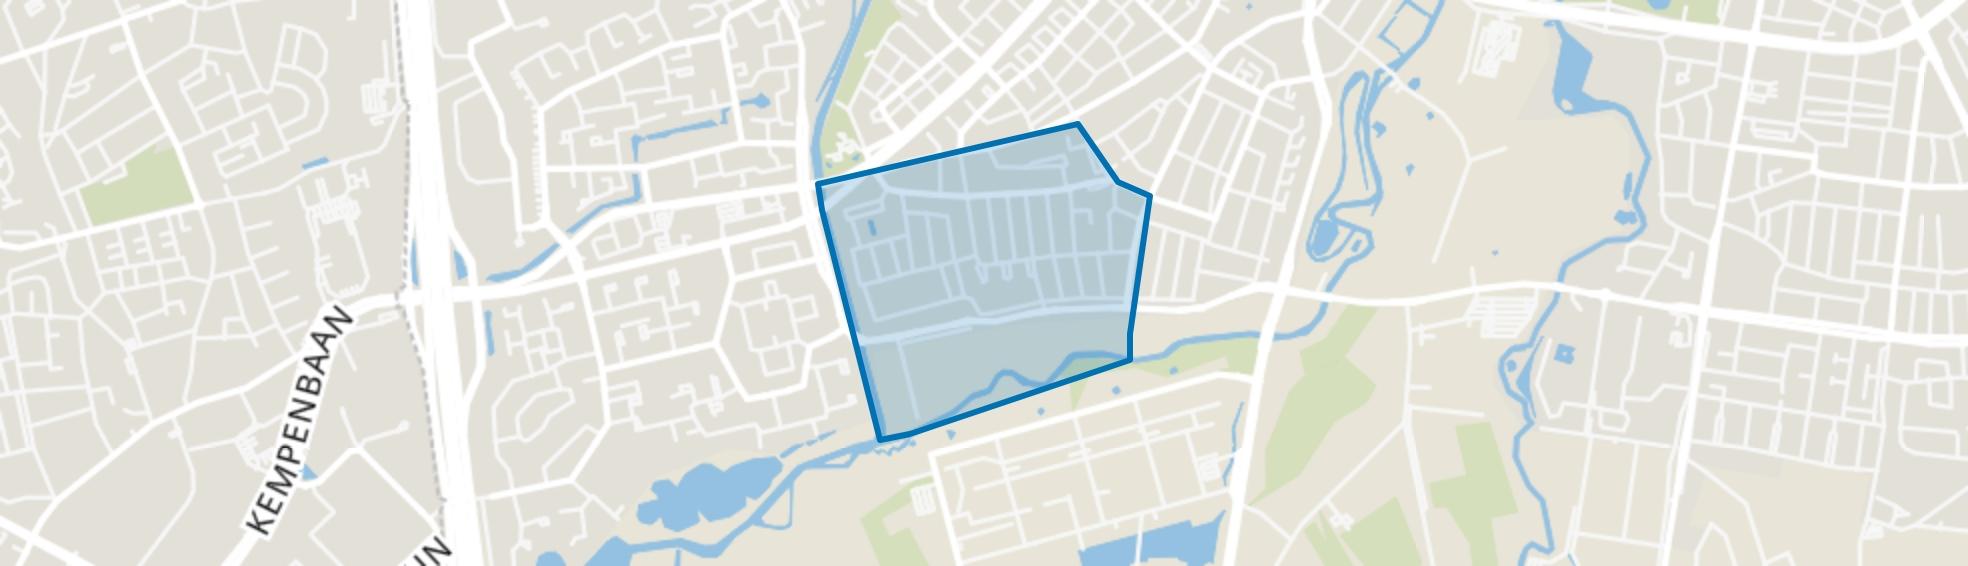 Bennekel-West, Gagelbosch, Eindhoven map